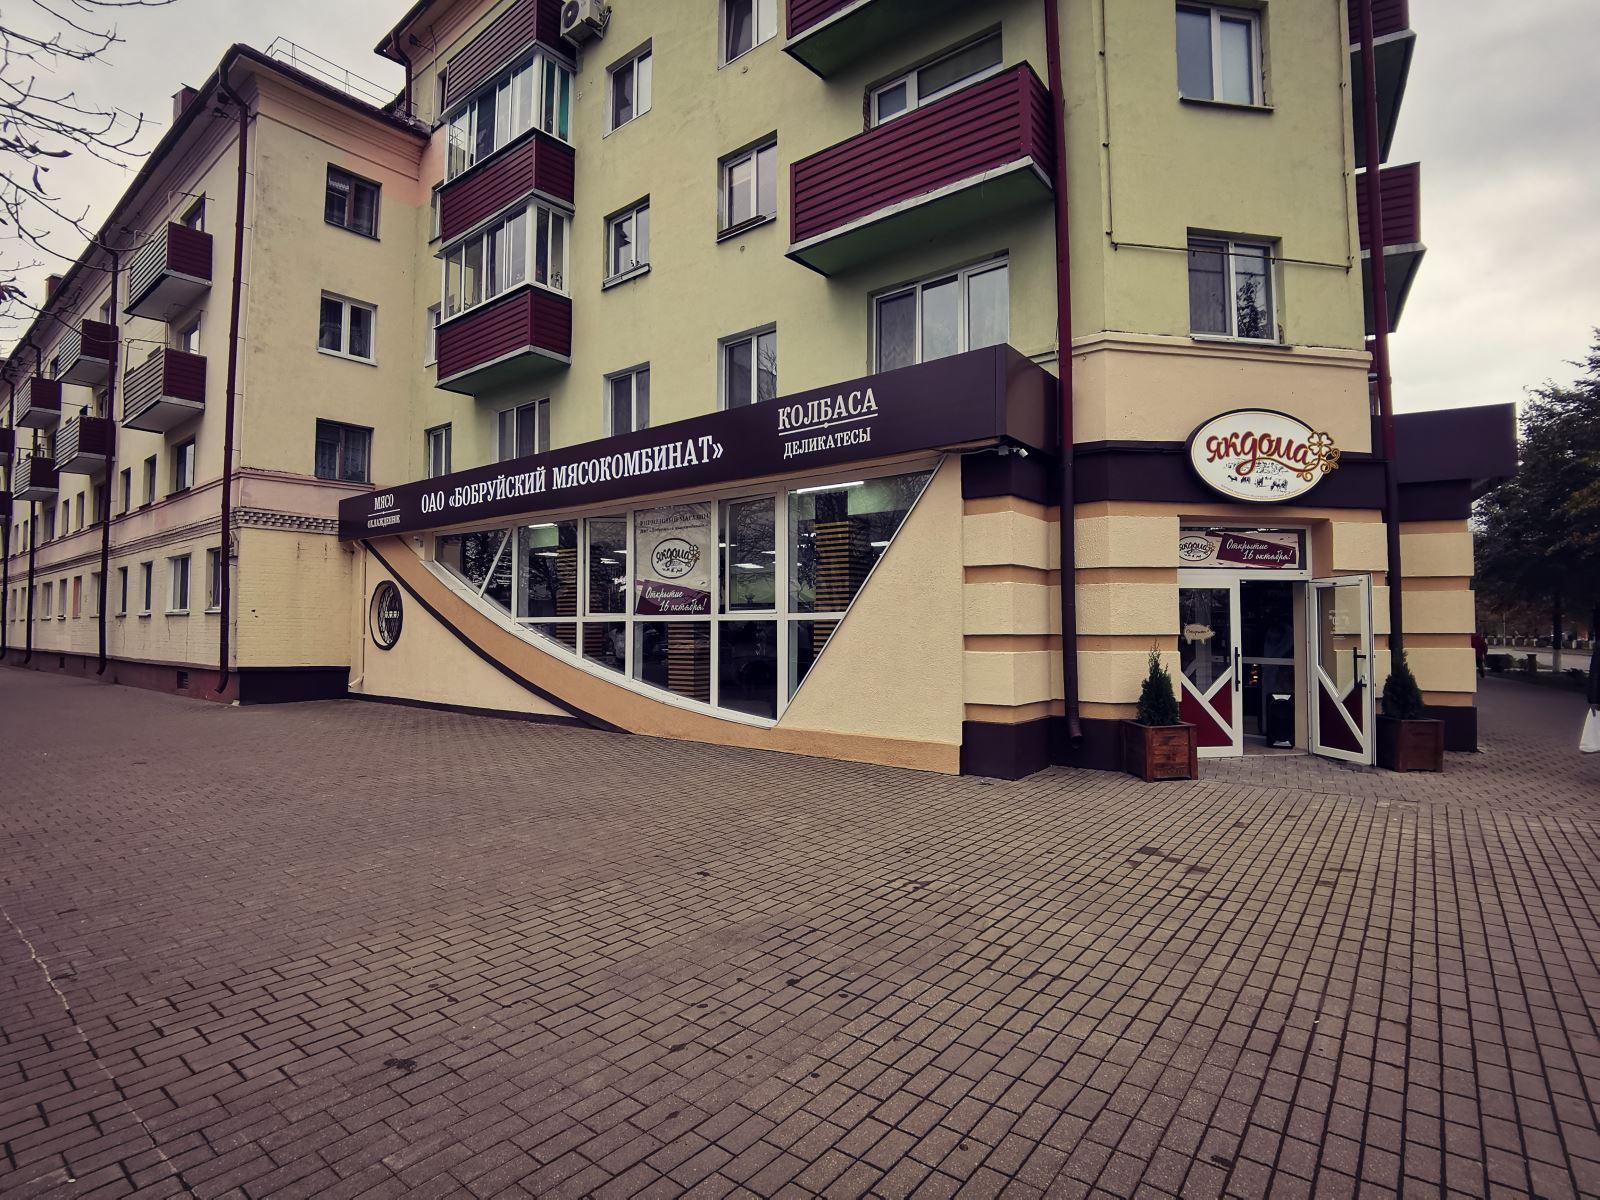 Состоялось торжественное открытие нашего нового магазина ЯкДома.